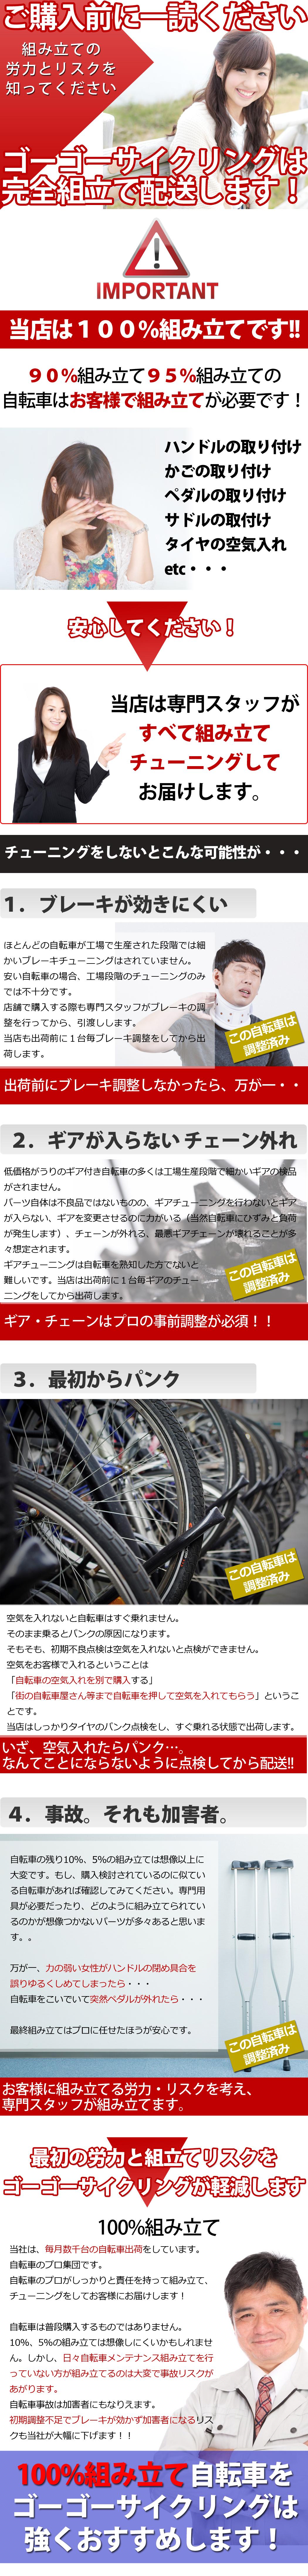 100%自転車組み立てについての説明。